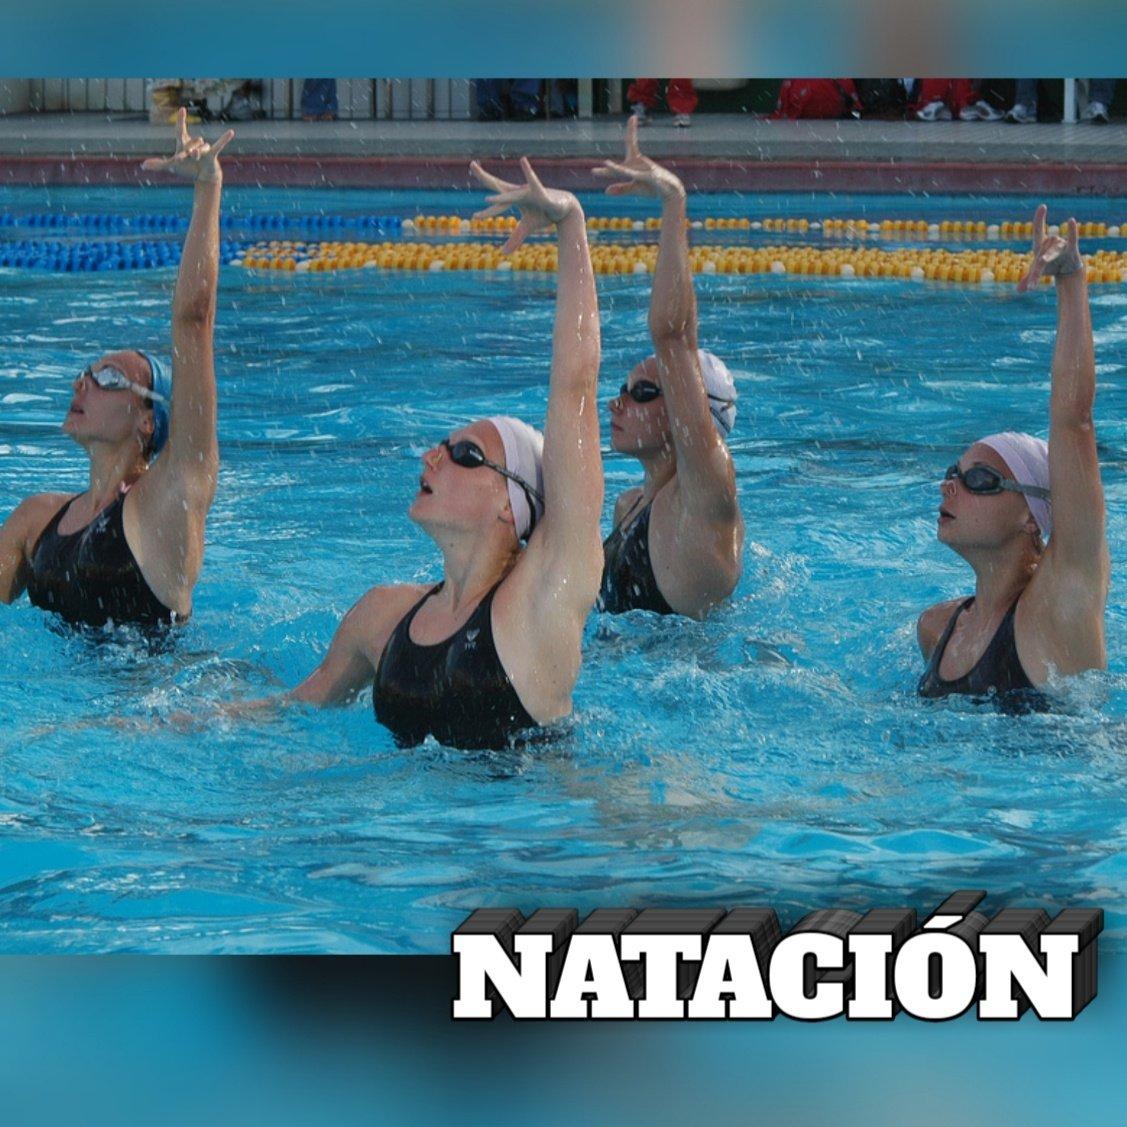 Buen día Jueves para todxs!   En el día de hoy, traemos una nueva aventura.. ¡Natación Sincronizada! La transversalidad entre la natacion, la gimnasia, la fuerza y la flexibilidad! https://t.co/ehS6W0lNZE  #Natación #Sincronizada #InSCefe209Deportes #QuedateEnCasa https://t.co/vhvP7IJUQk